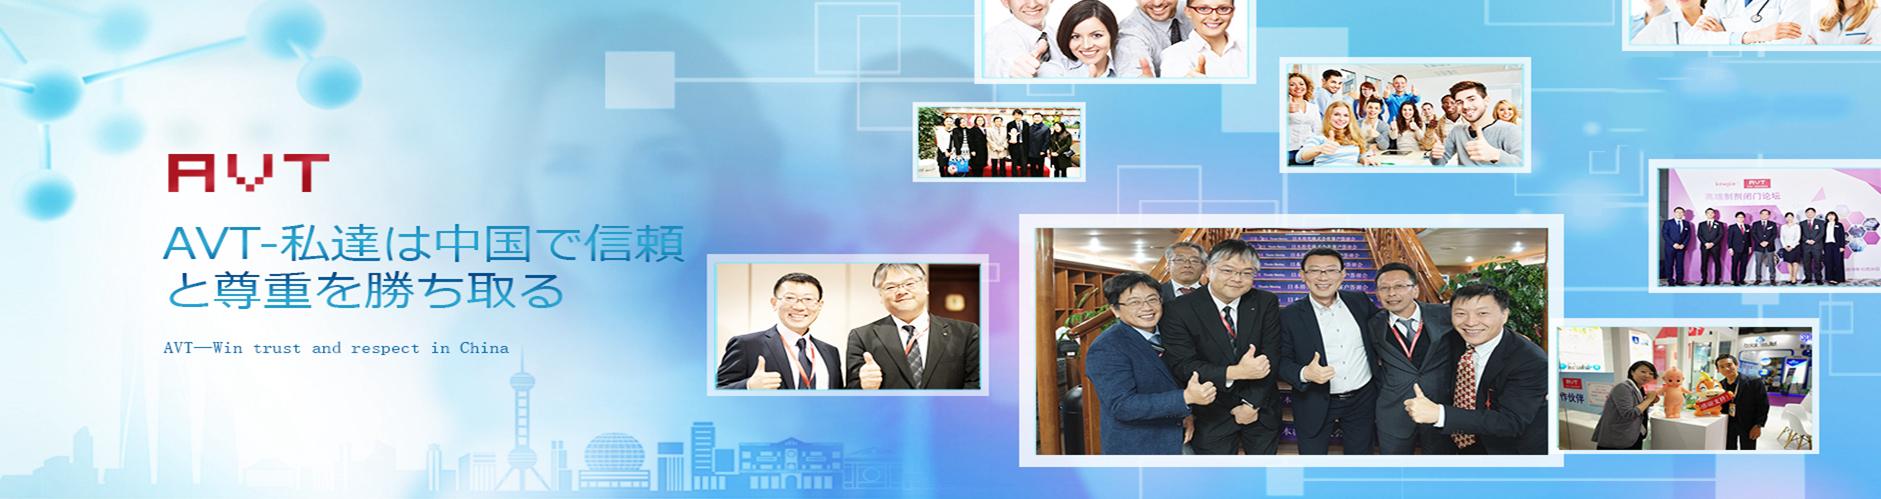 トレハロース-艾偉拓(上海)医薬科技有限会社